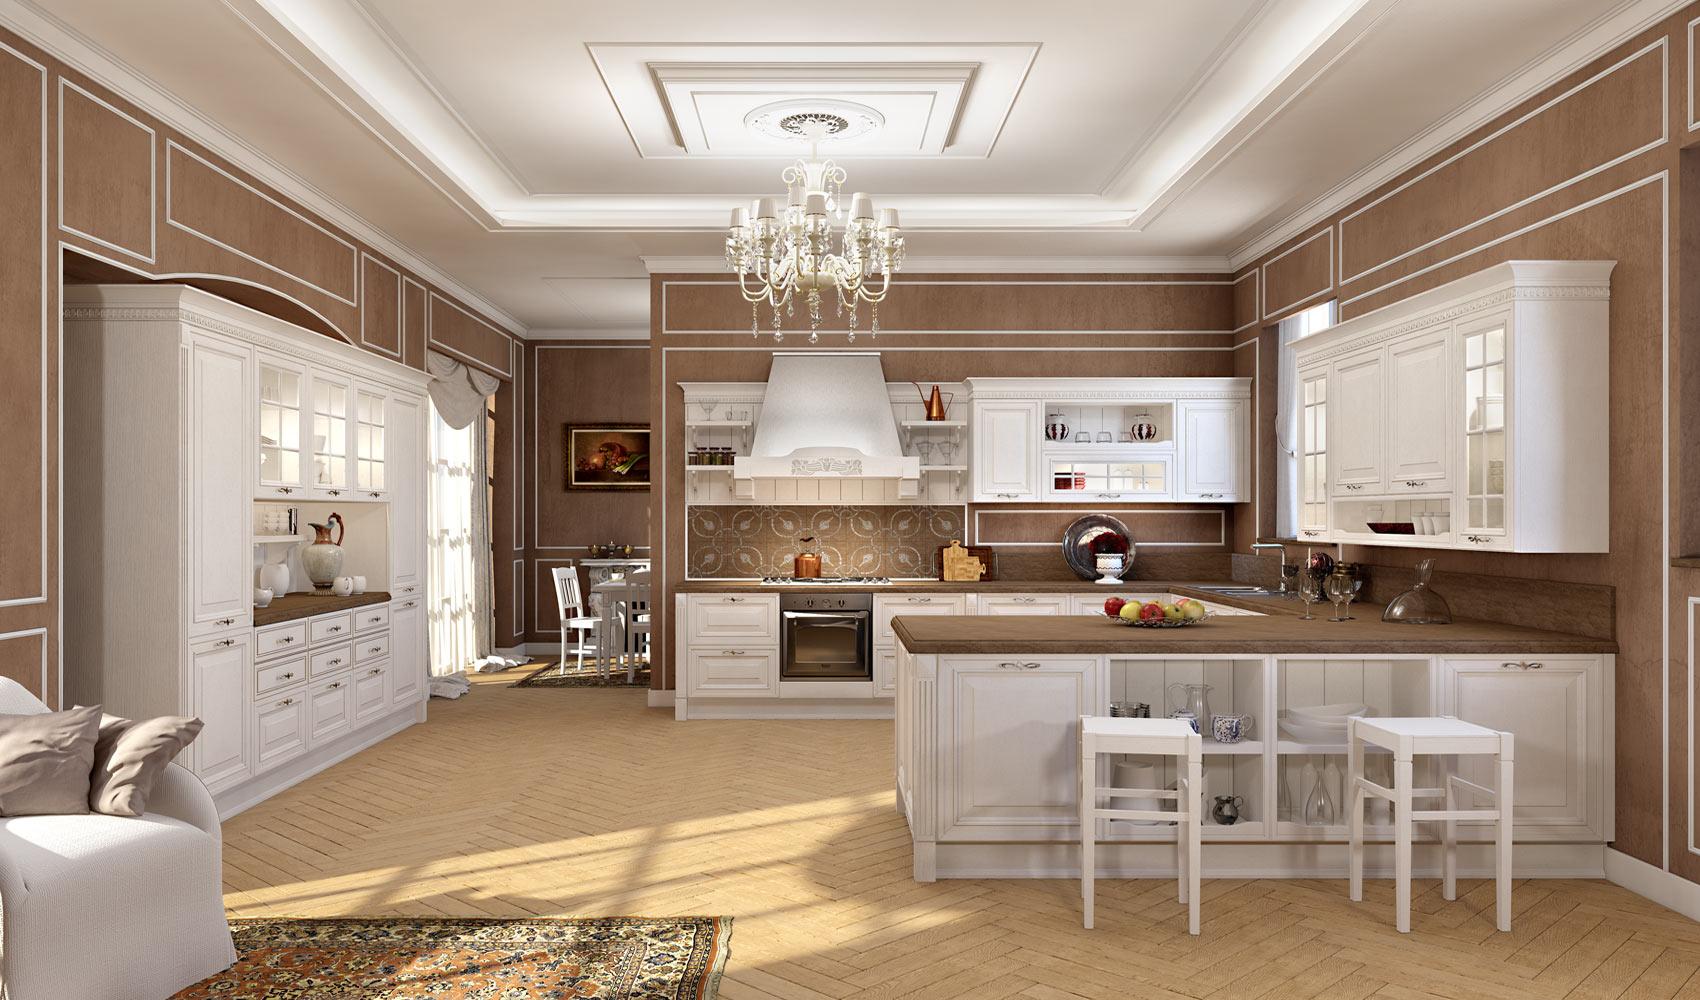 Cucine pirani mobili for Ad giornale di arredamento